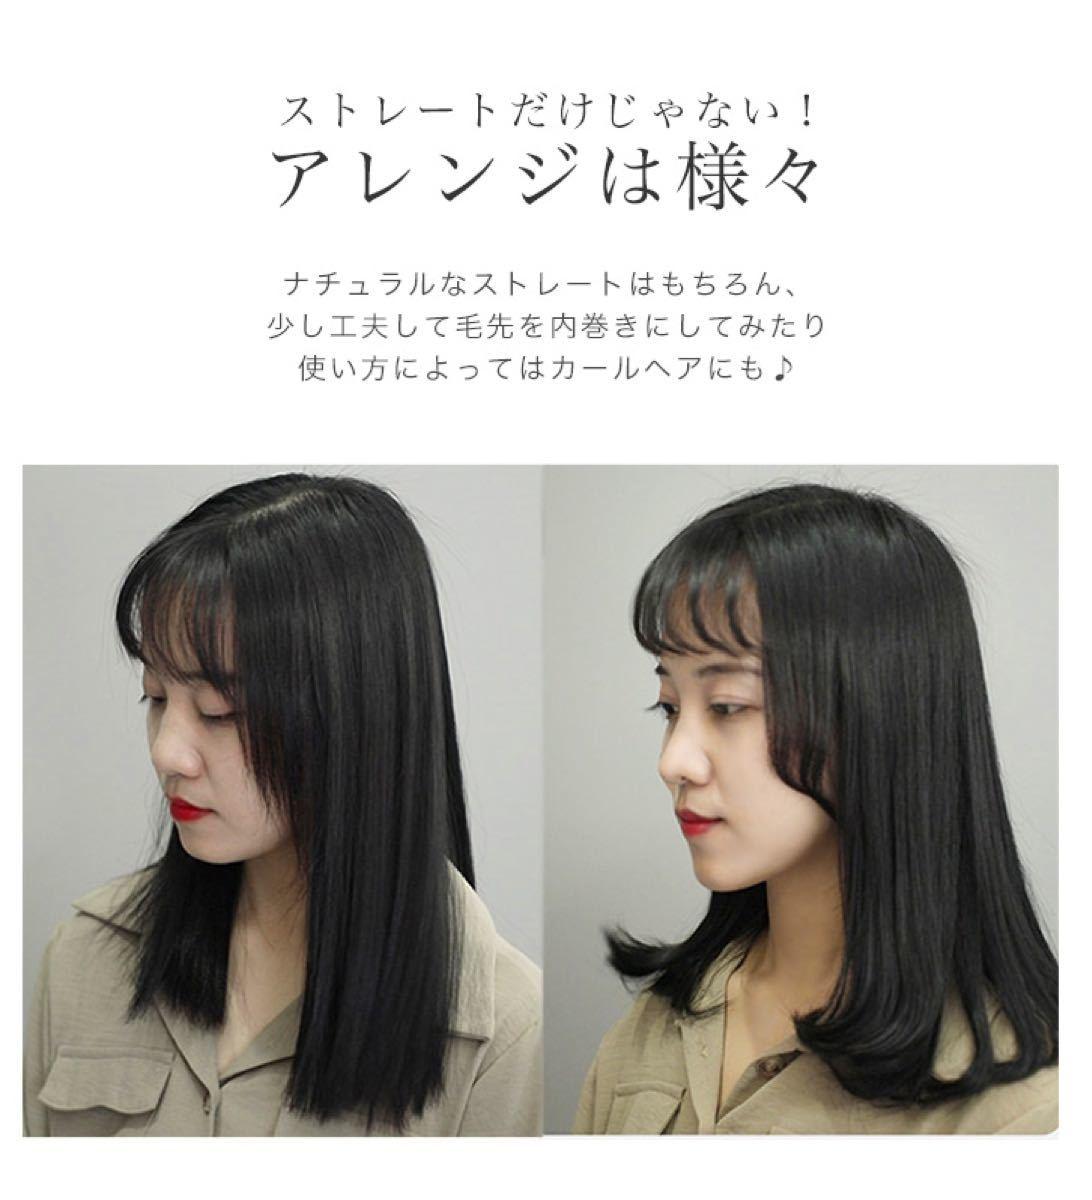 ヘアアイロン アイロン ストレートヘアアイロン ストレートアイロン 美髪 ワンボタンスイッチ 高純度セラミックプレート ストレート